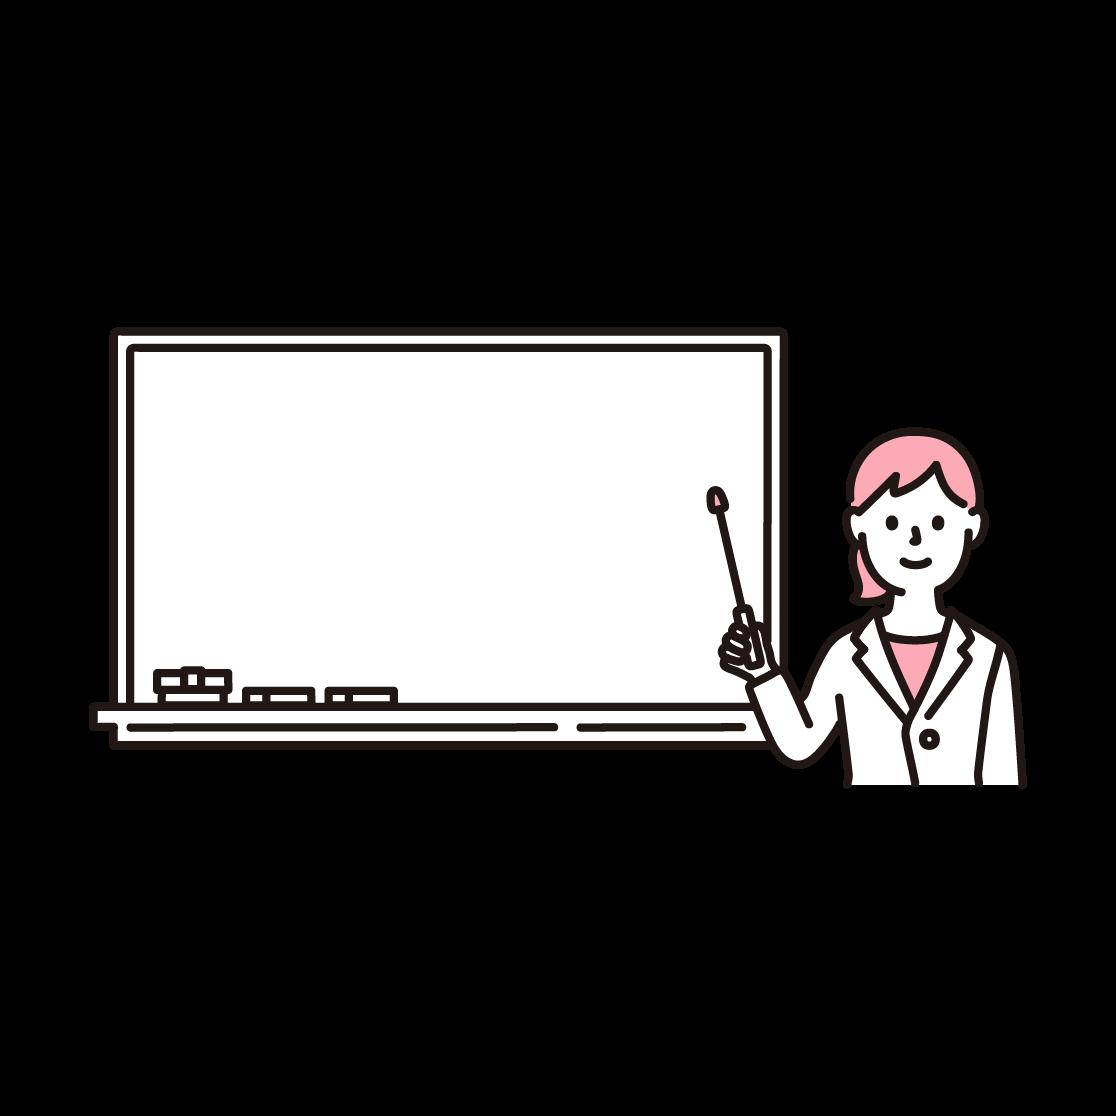 ホワイトボードと女性のイラスト(単色)